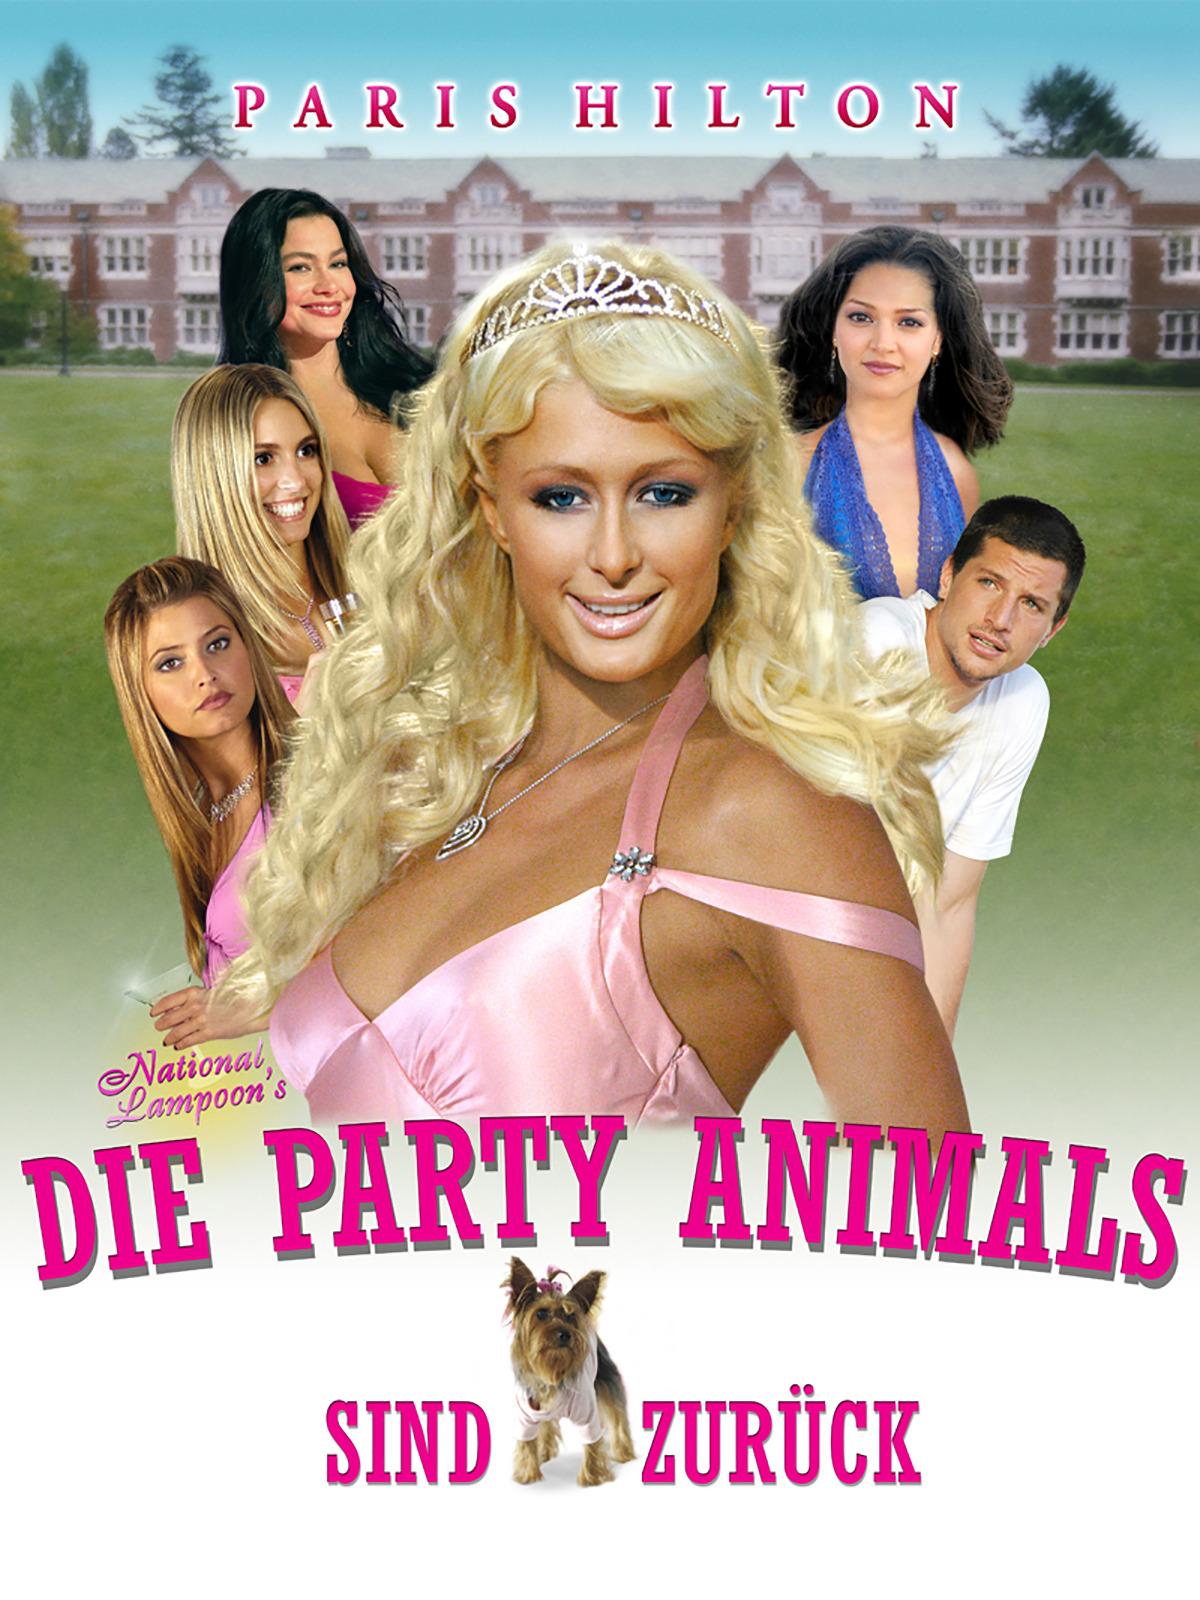 Die Party Animals Sind Zurück!